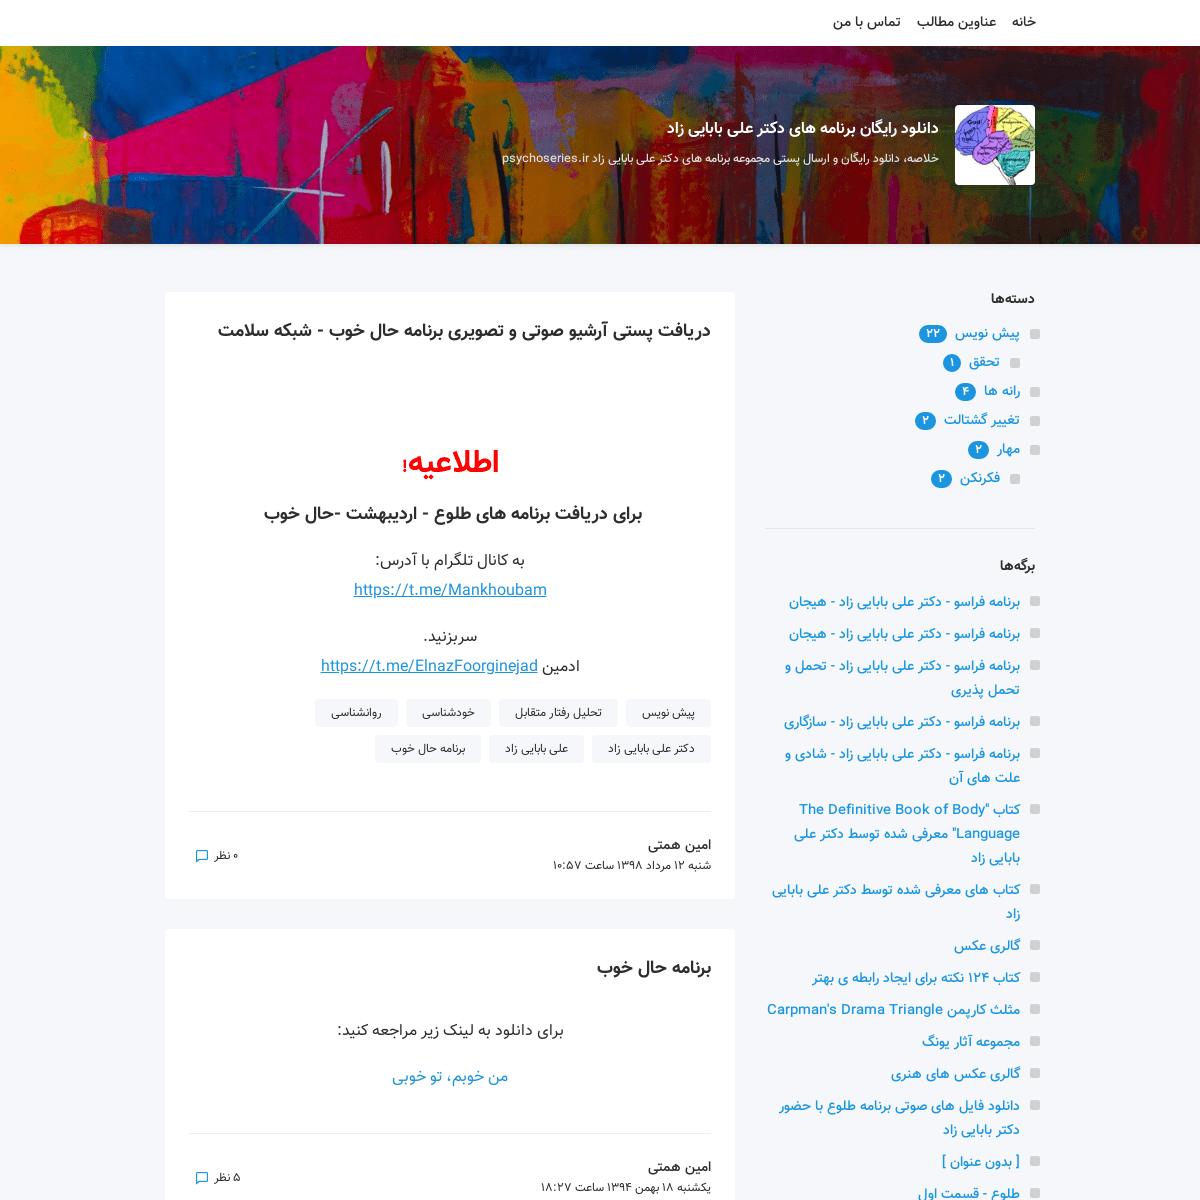 دانلود رایگان برنامه های دکتر علی بابایی زاد